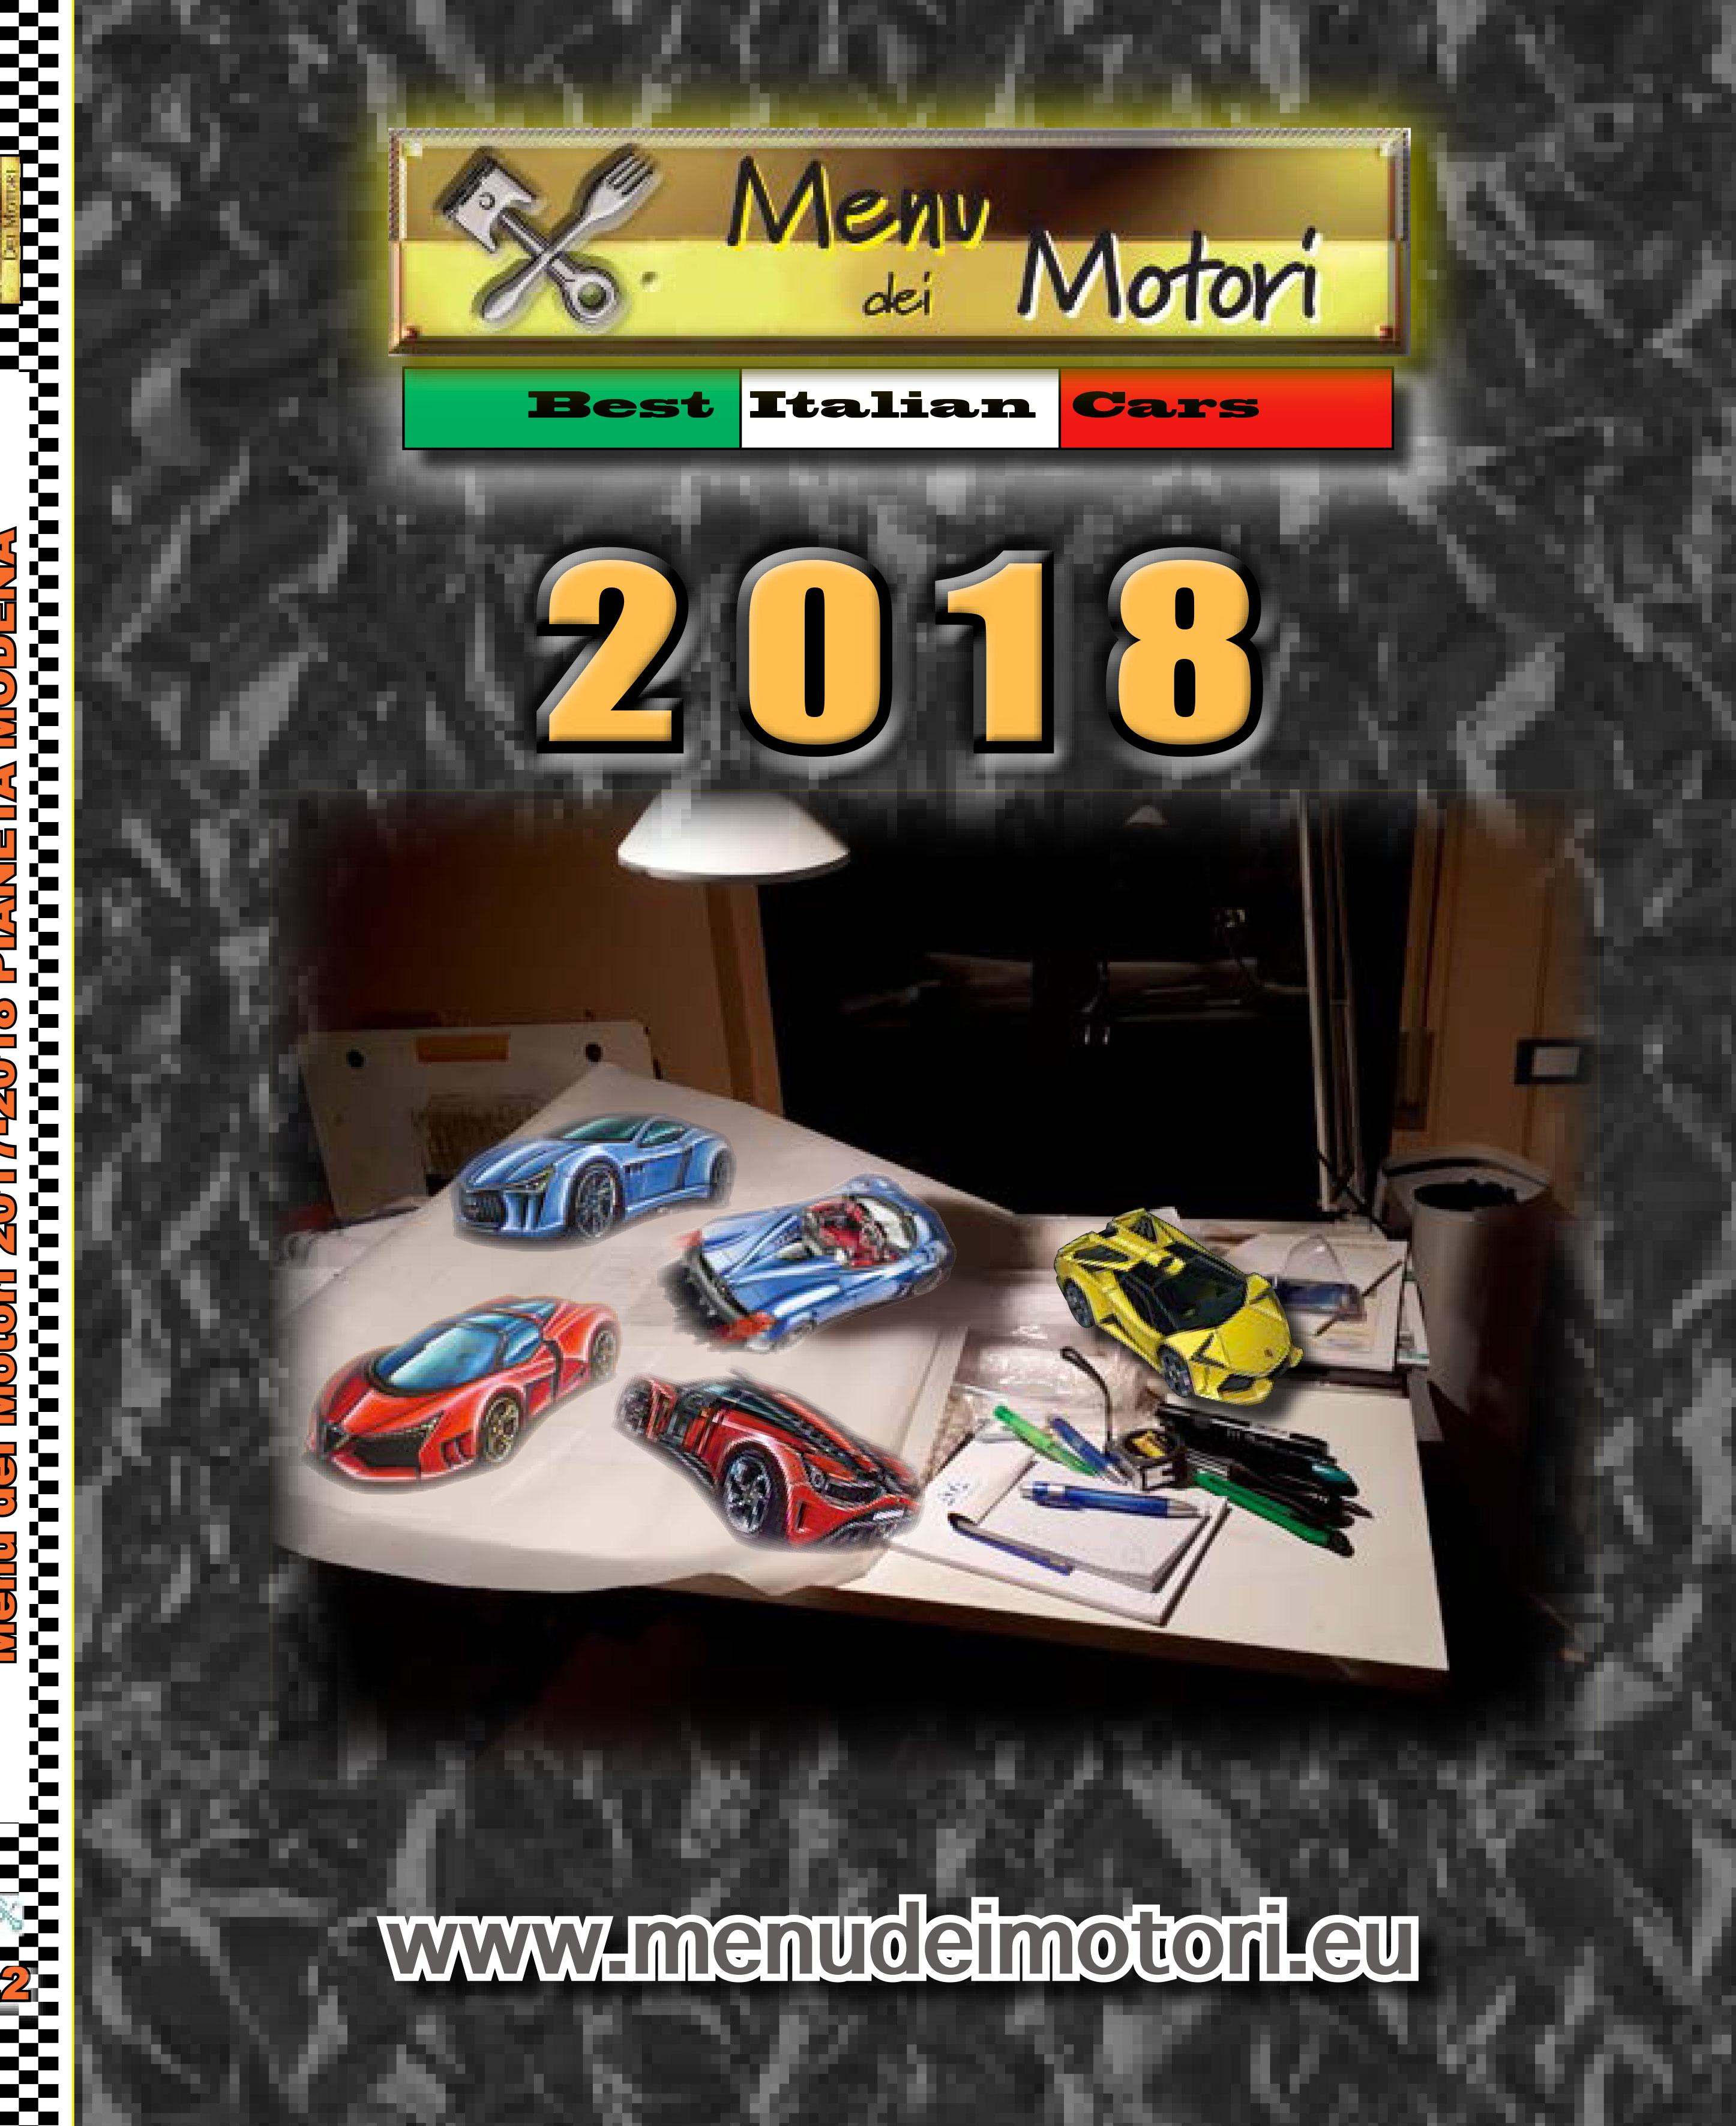 Photo of Menu dei Motori N°22 – Tra le esclusività, l'articolo storico dedicato al 120° anniversario della nascita di Enzo Ferrari